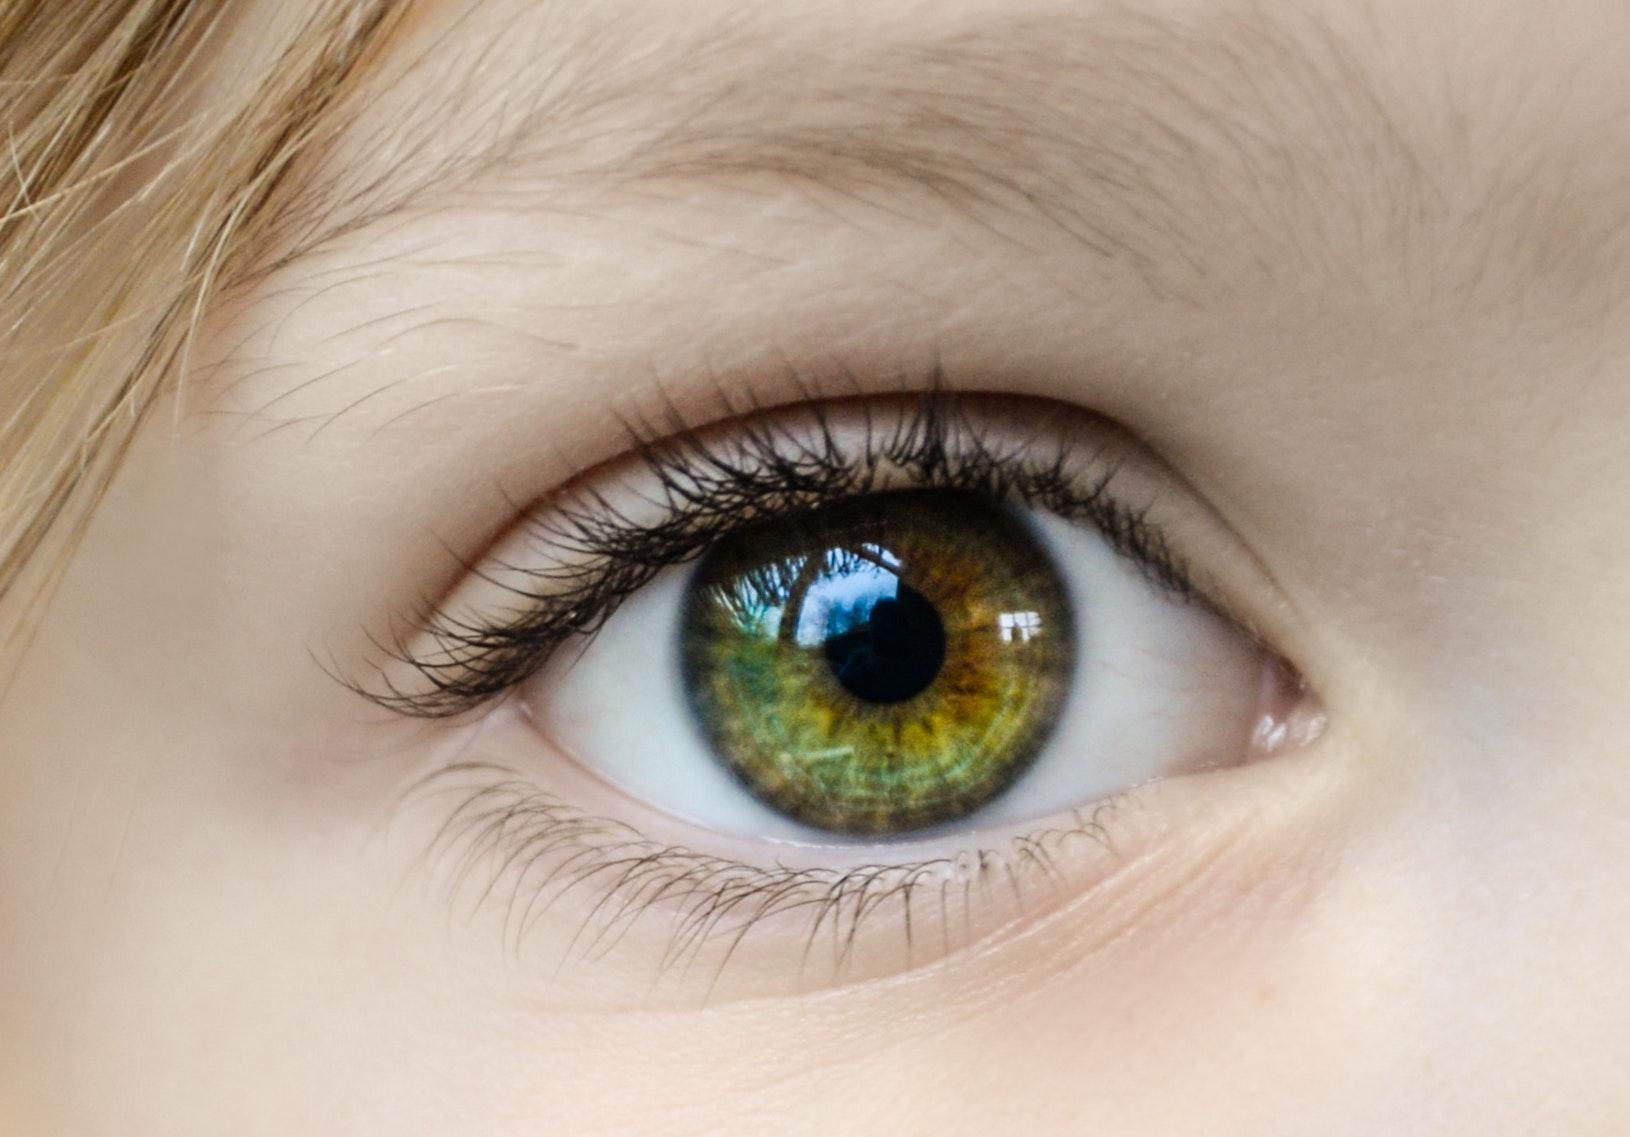 close-up-eye-eyeball-862122.jpg